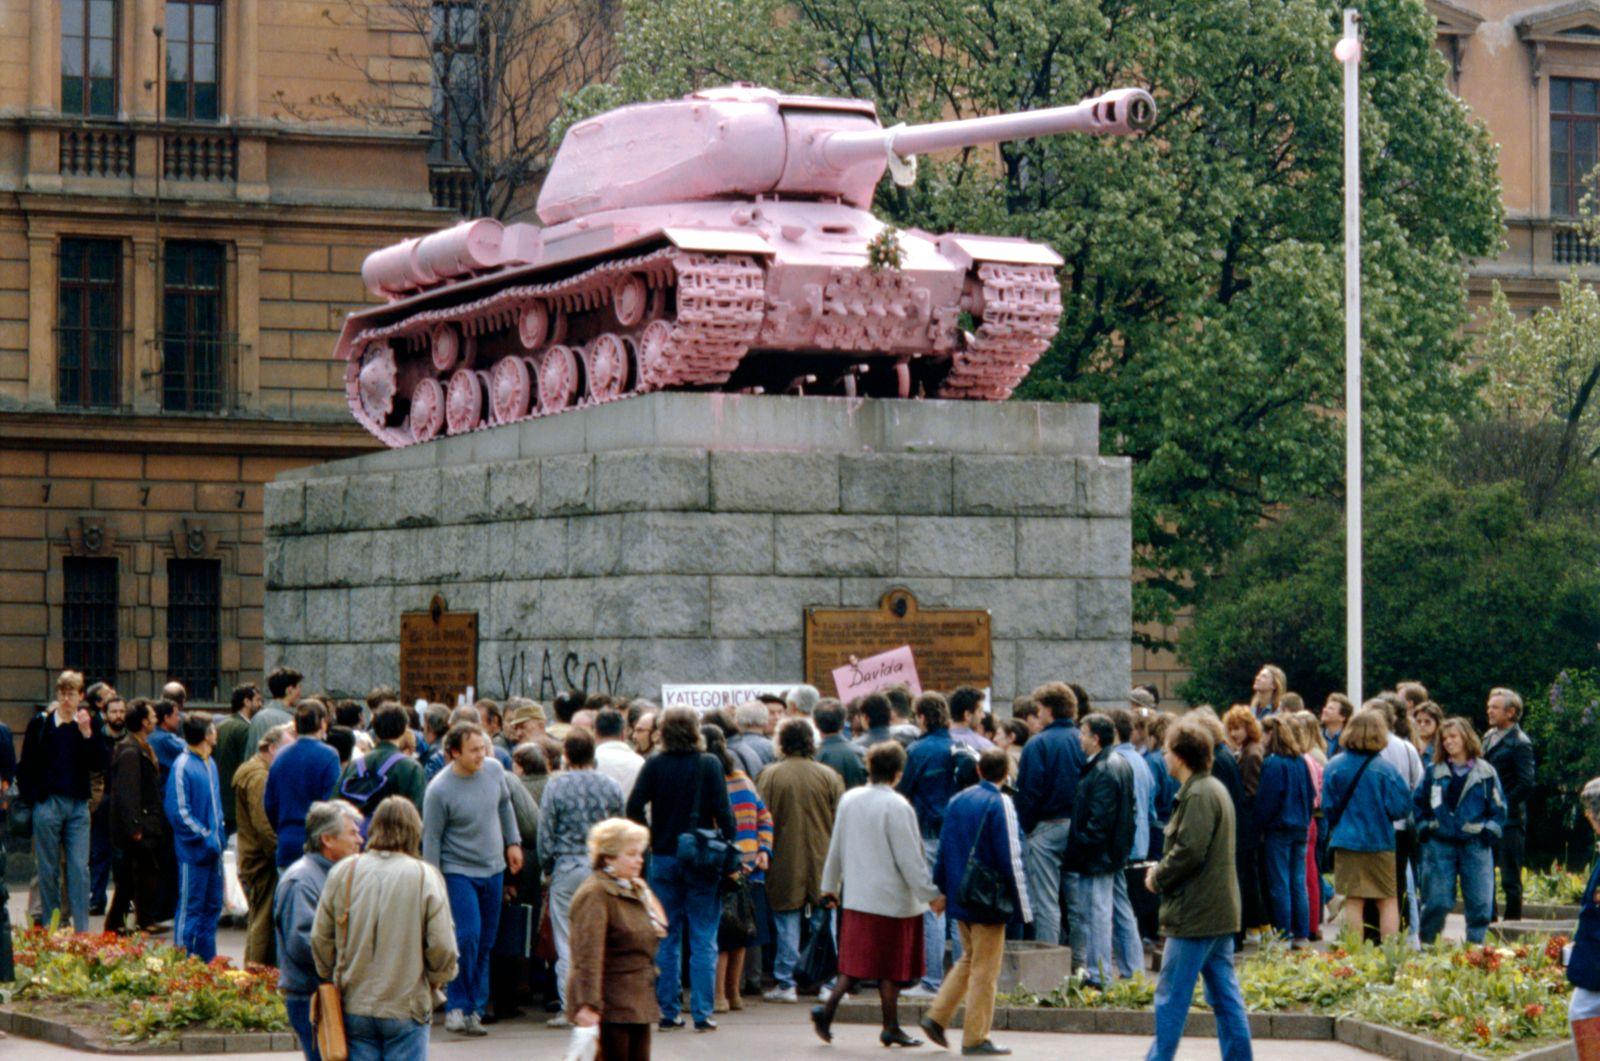 Pink tank,